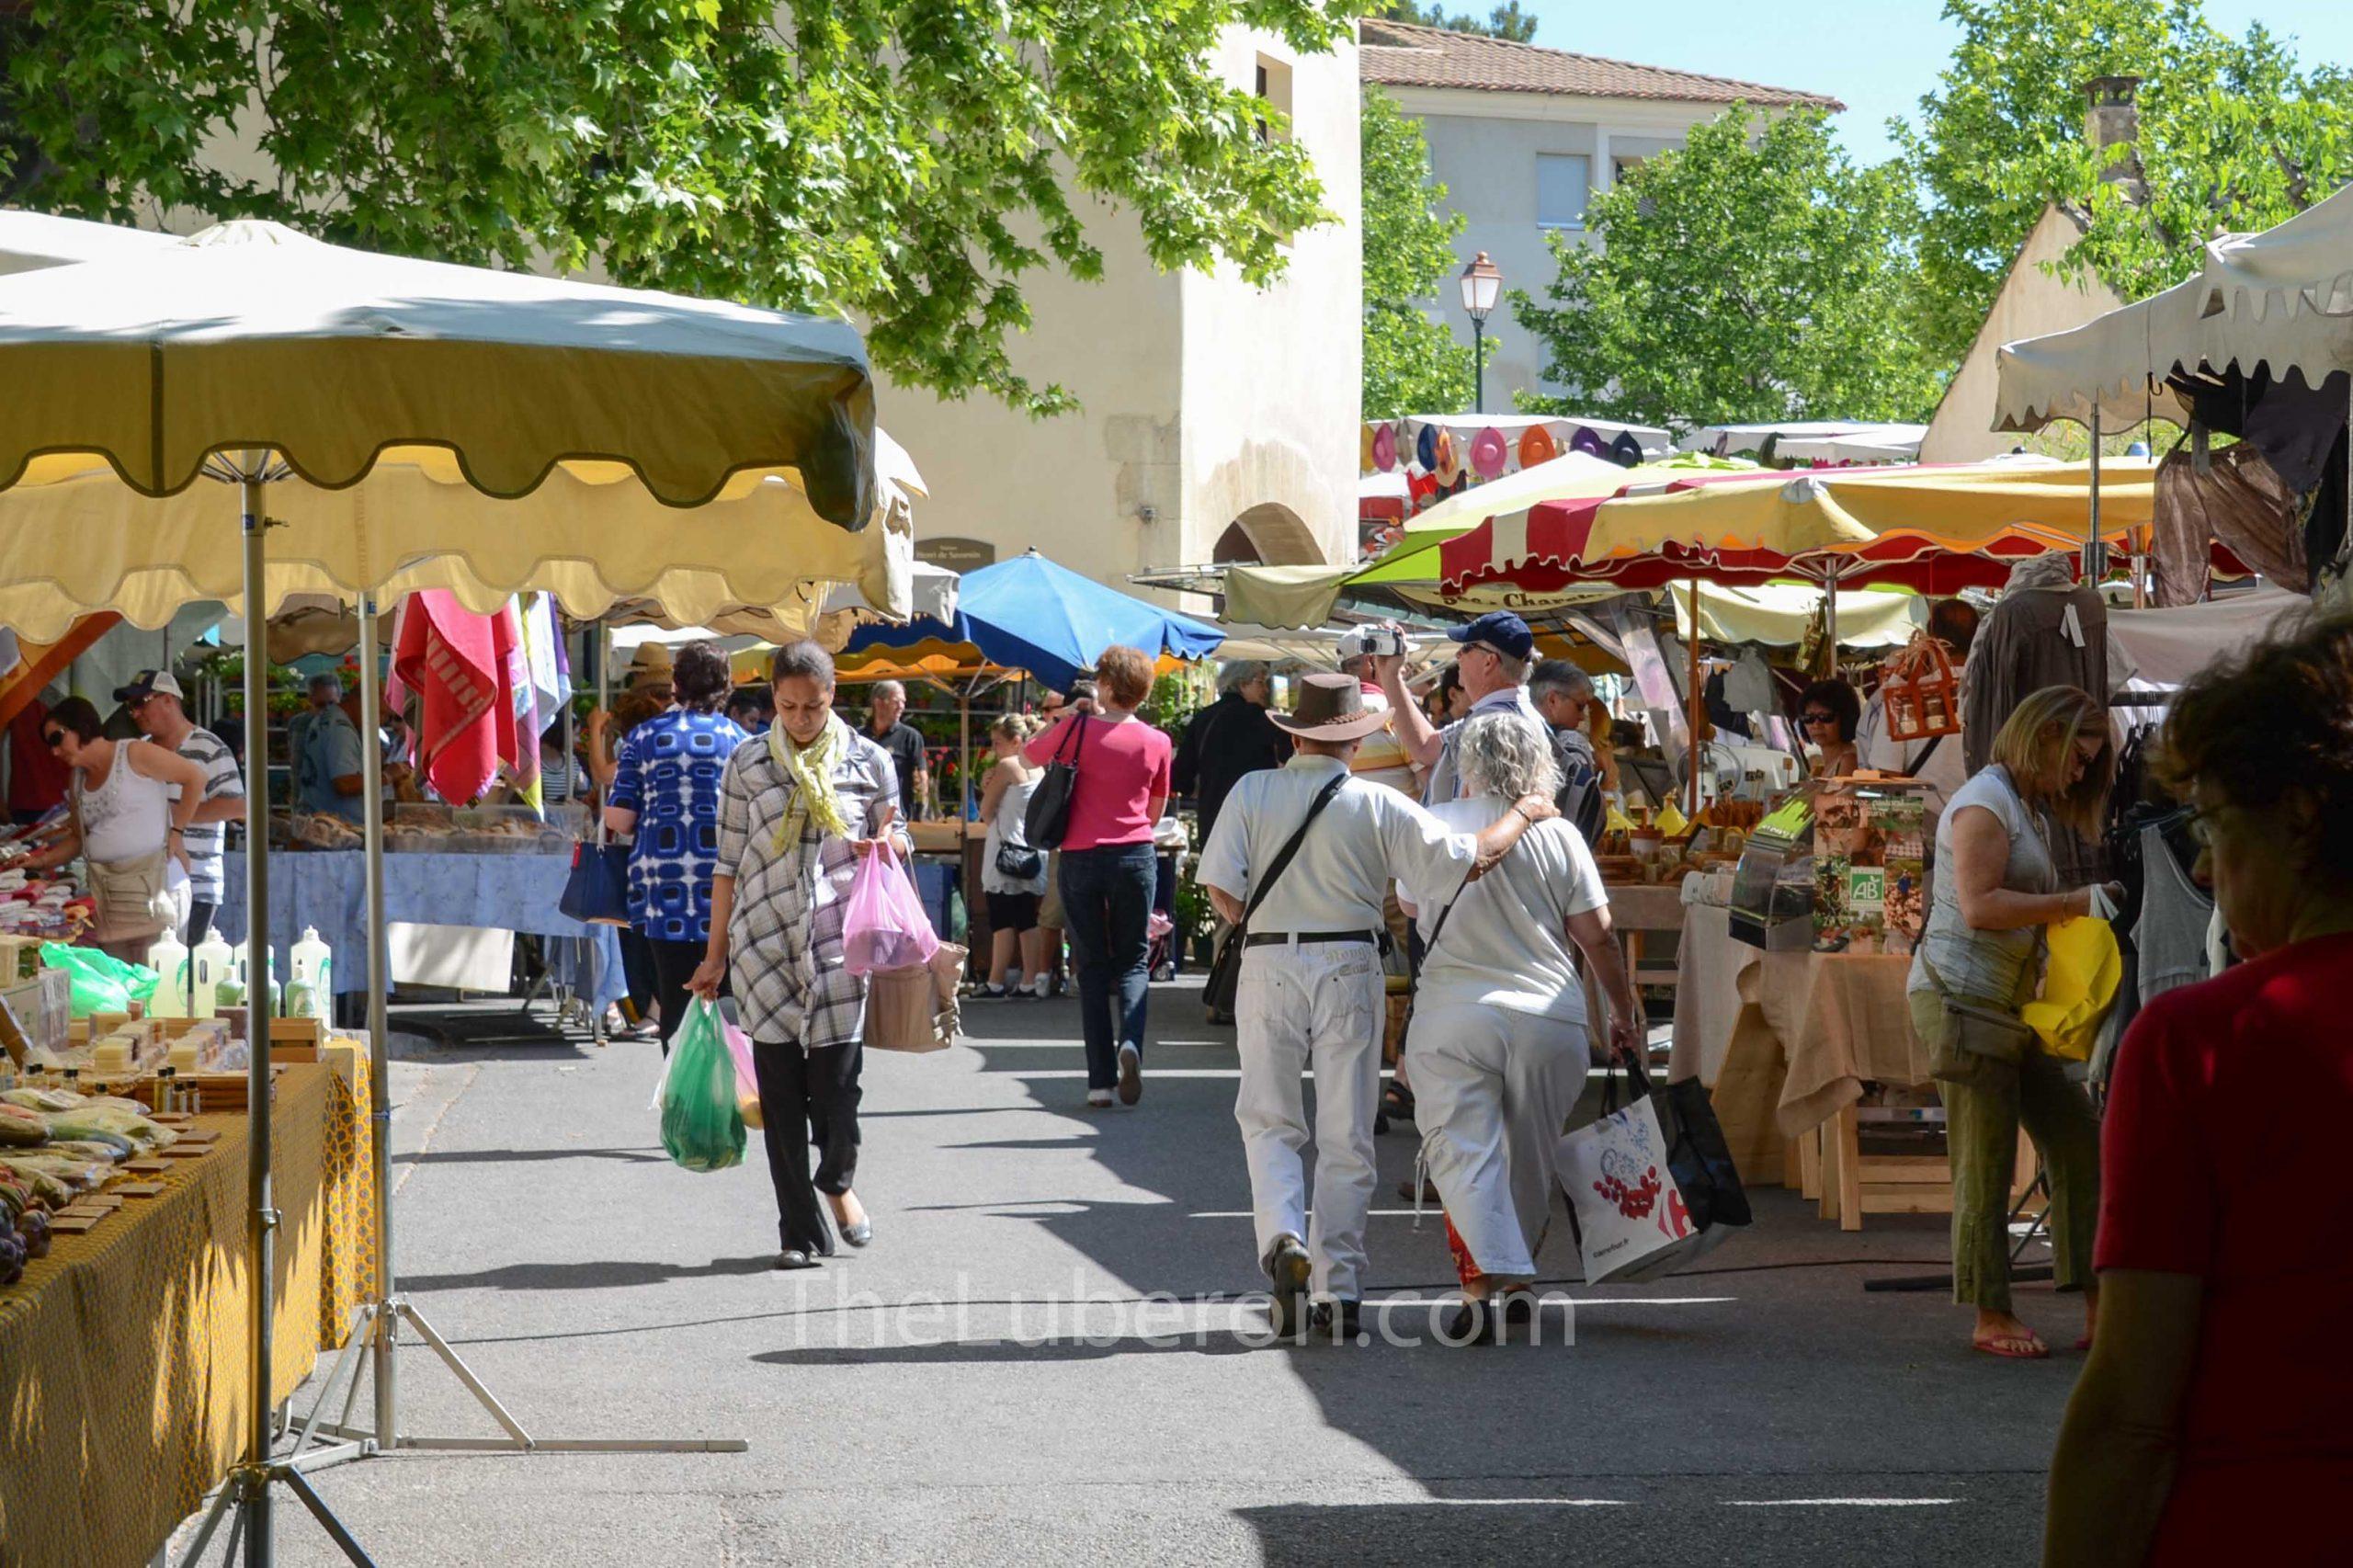 Summer day at Lourmarin market